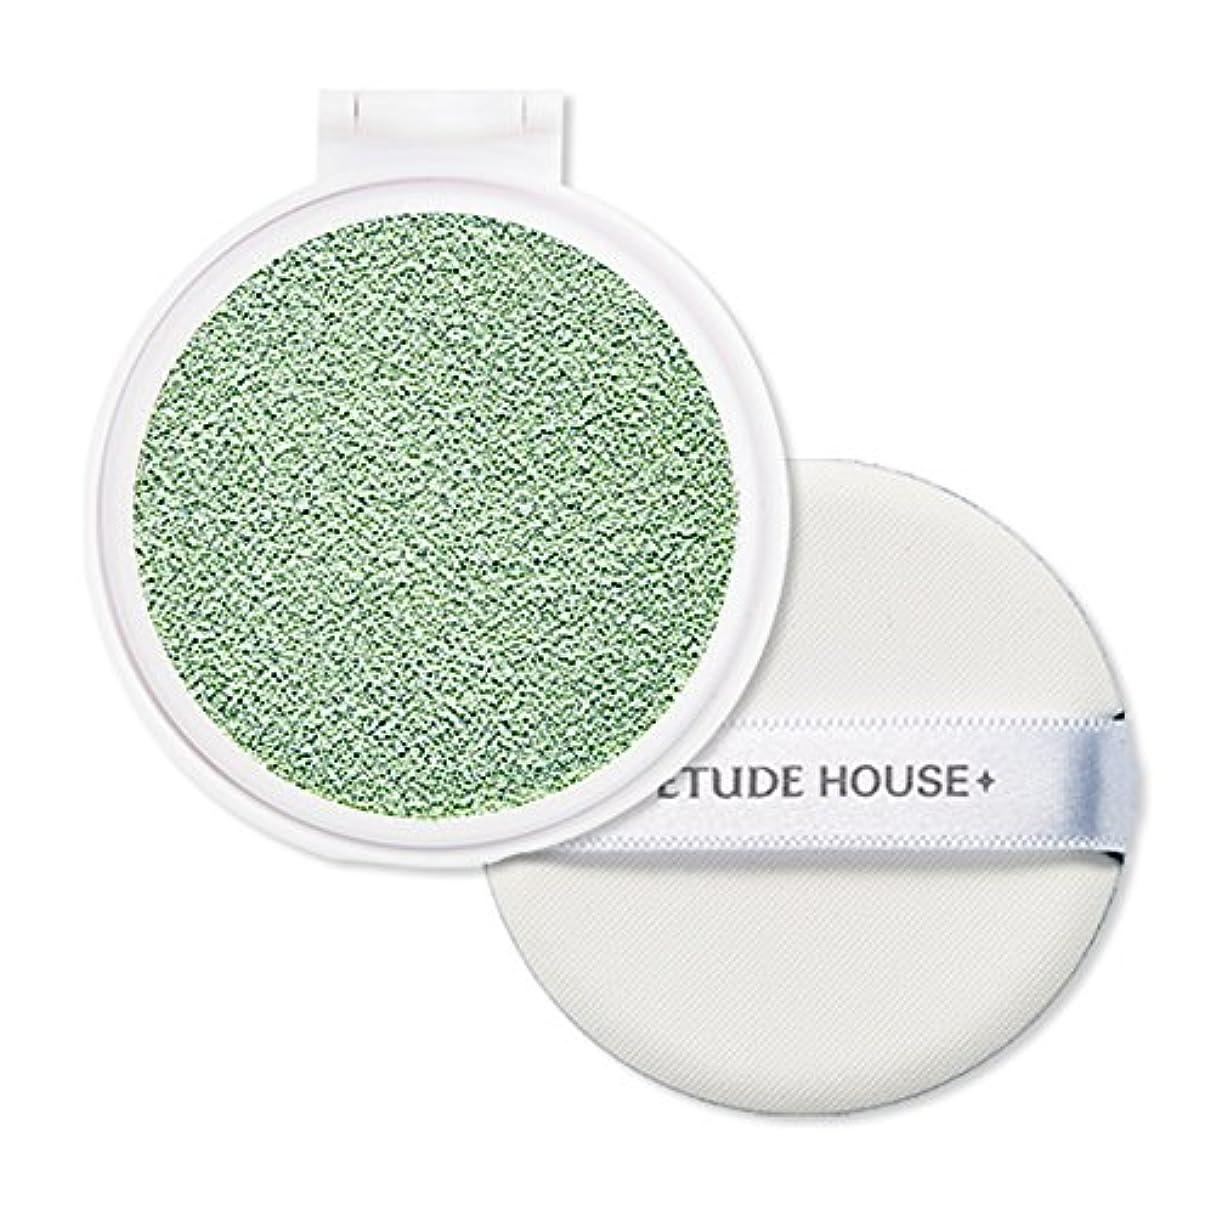 戦略残酷などんよりしたエチュードハウス(ETUDE HOUSE) エニークッション カラーコレクター レフィル Mint